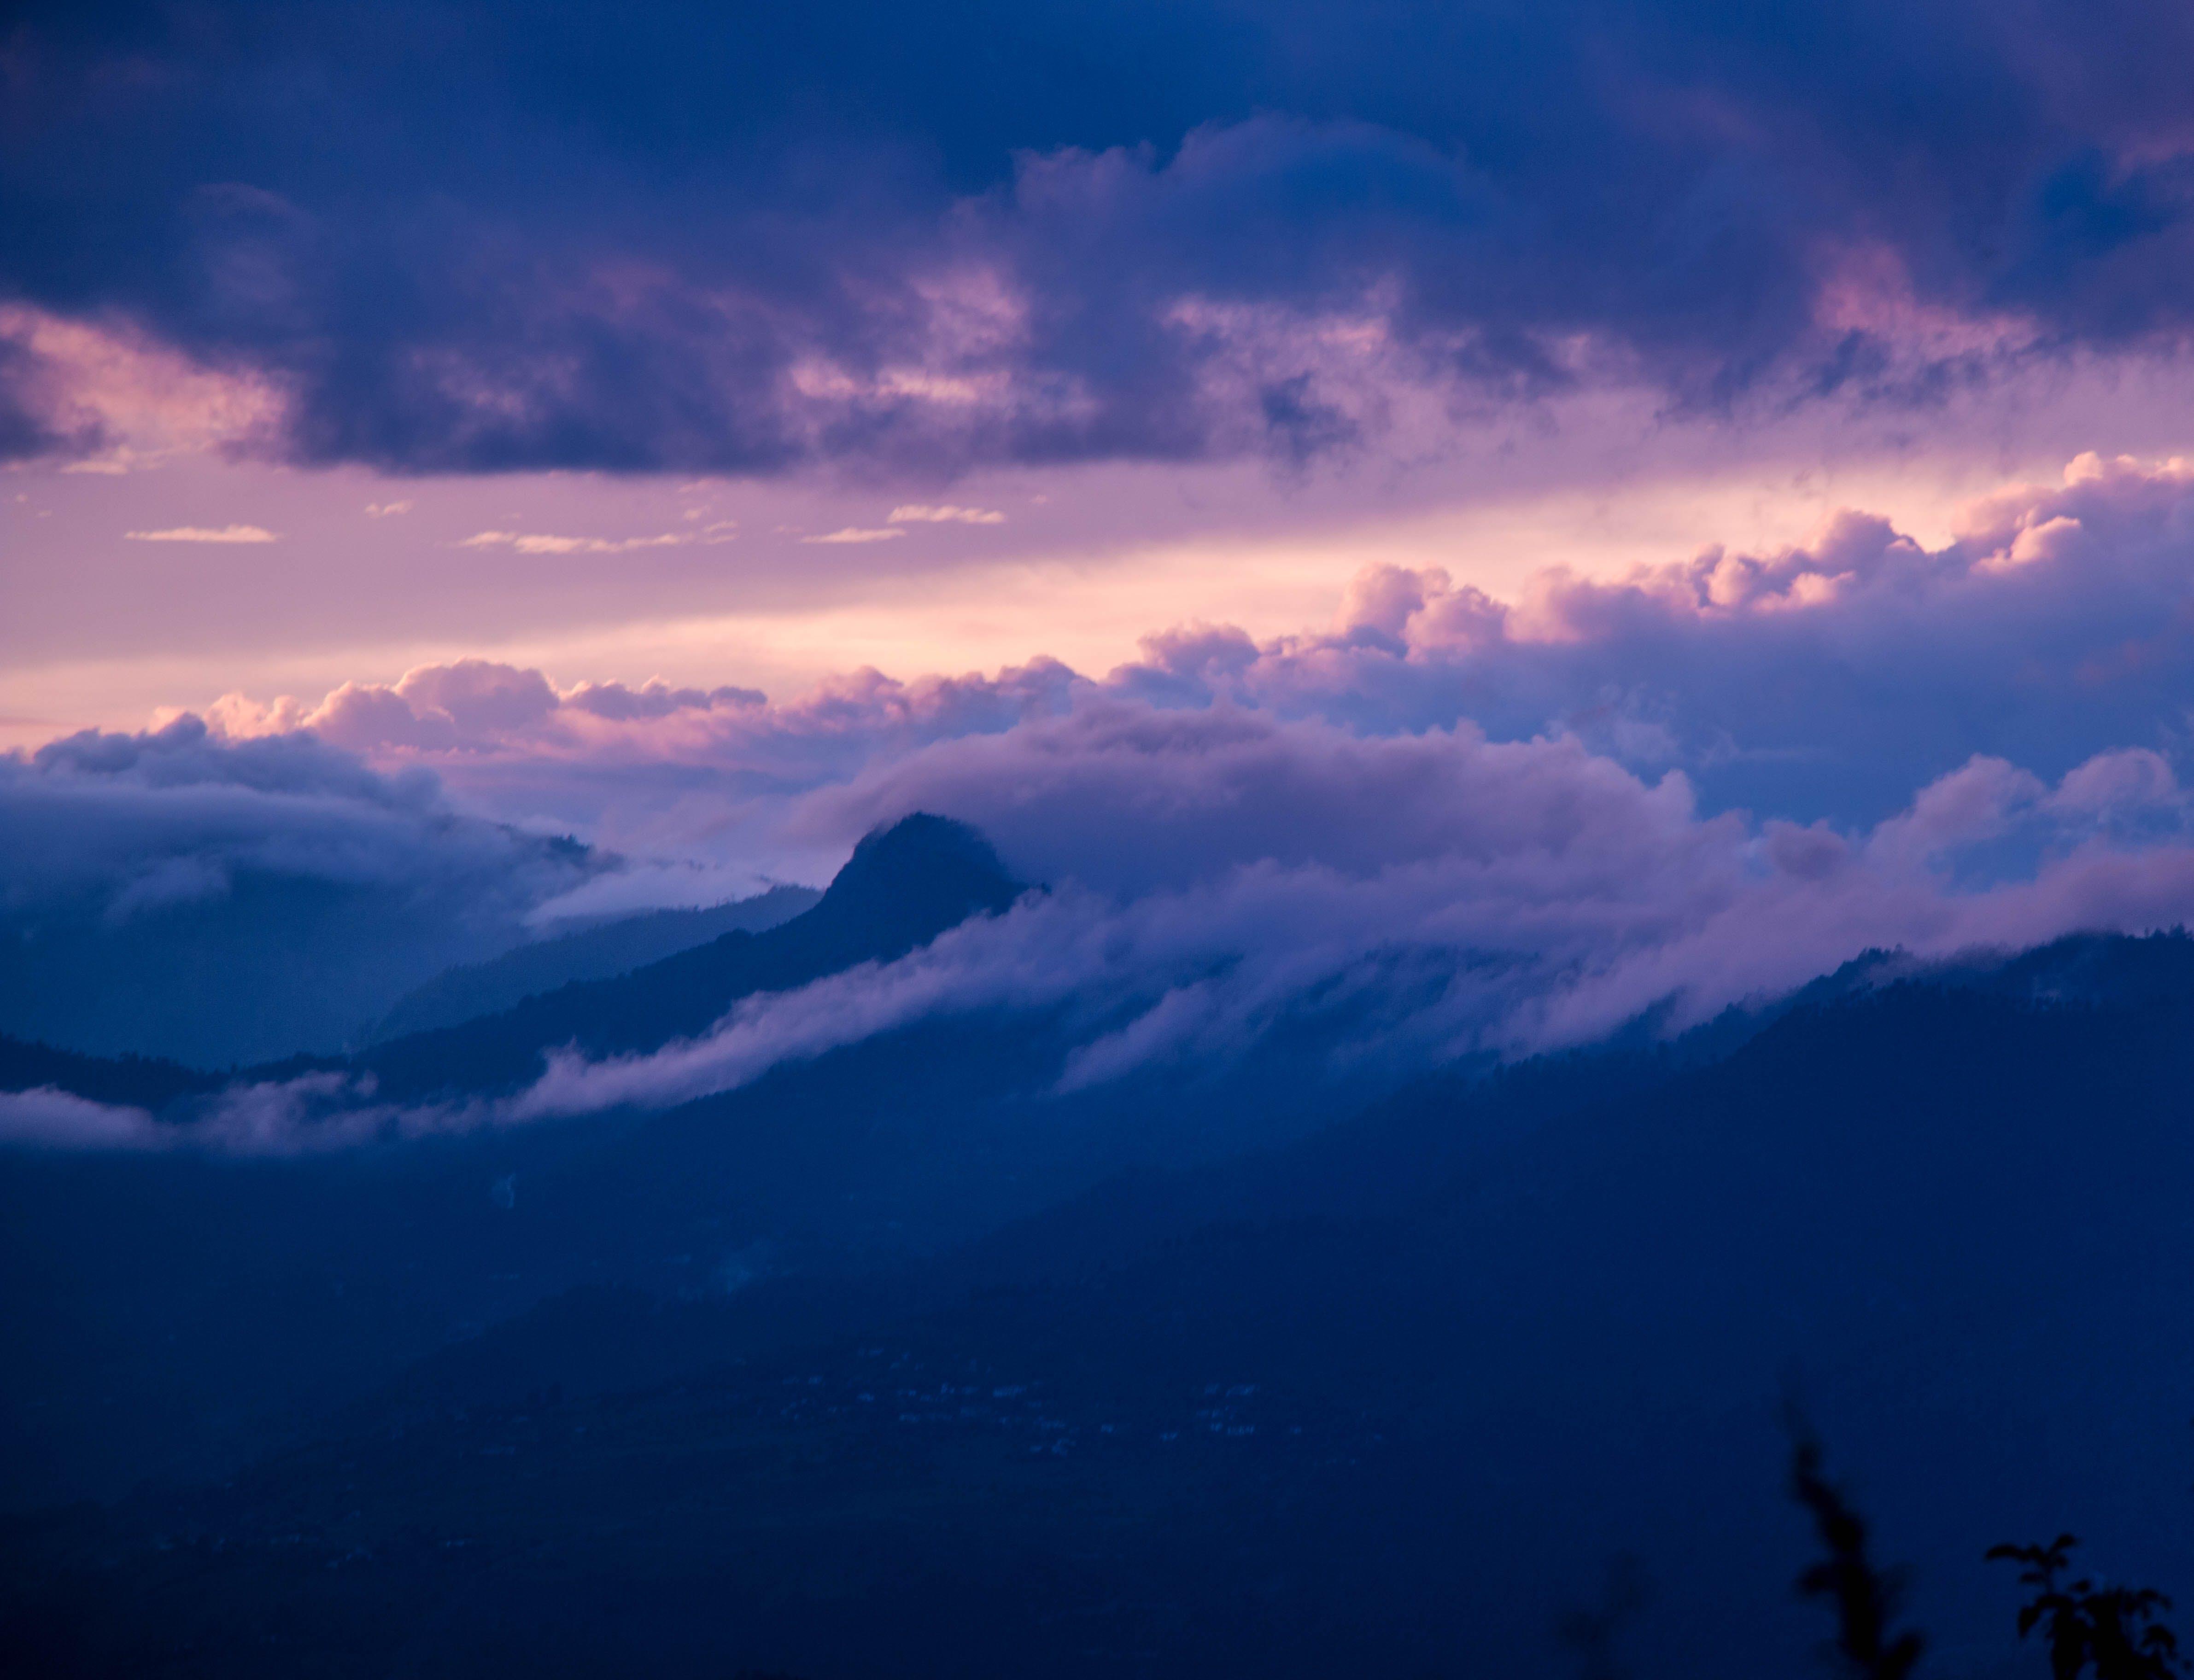 多雲的, 天性, 天空, 日光 的 免费素材照片